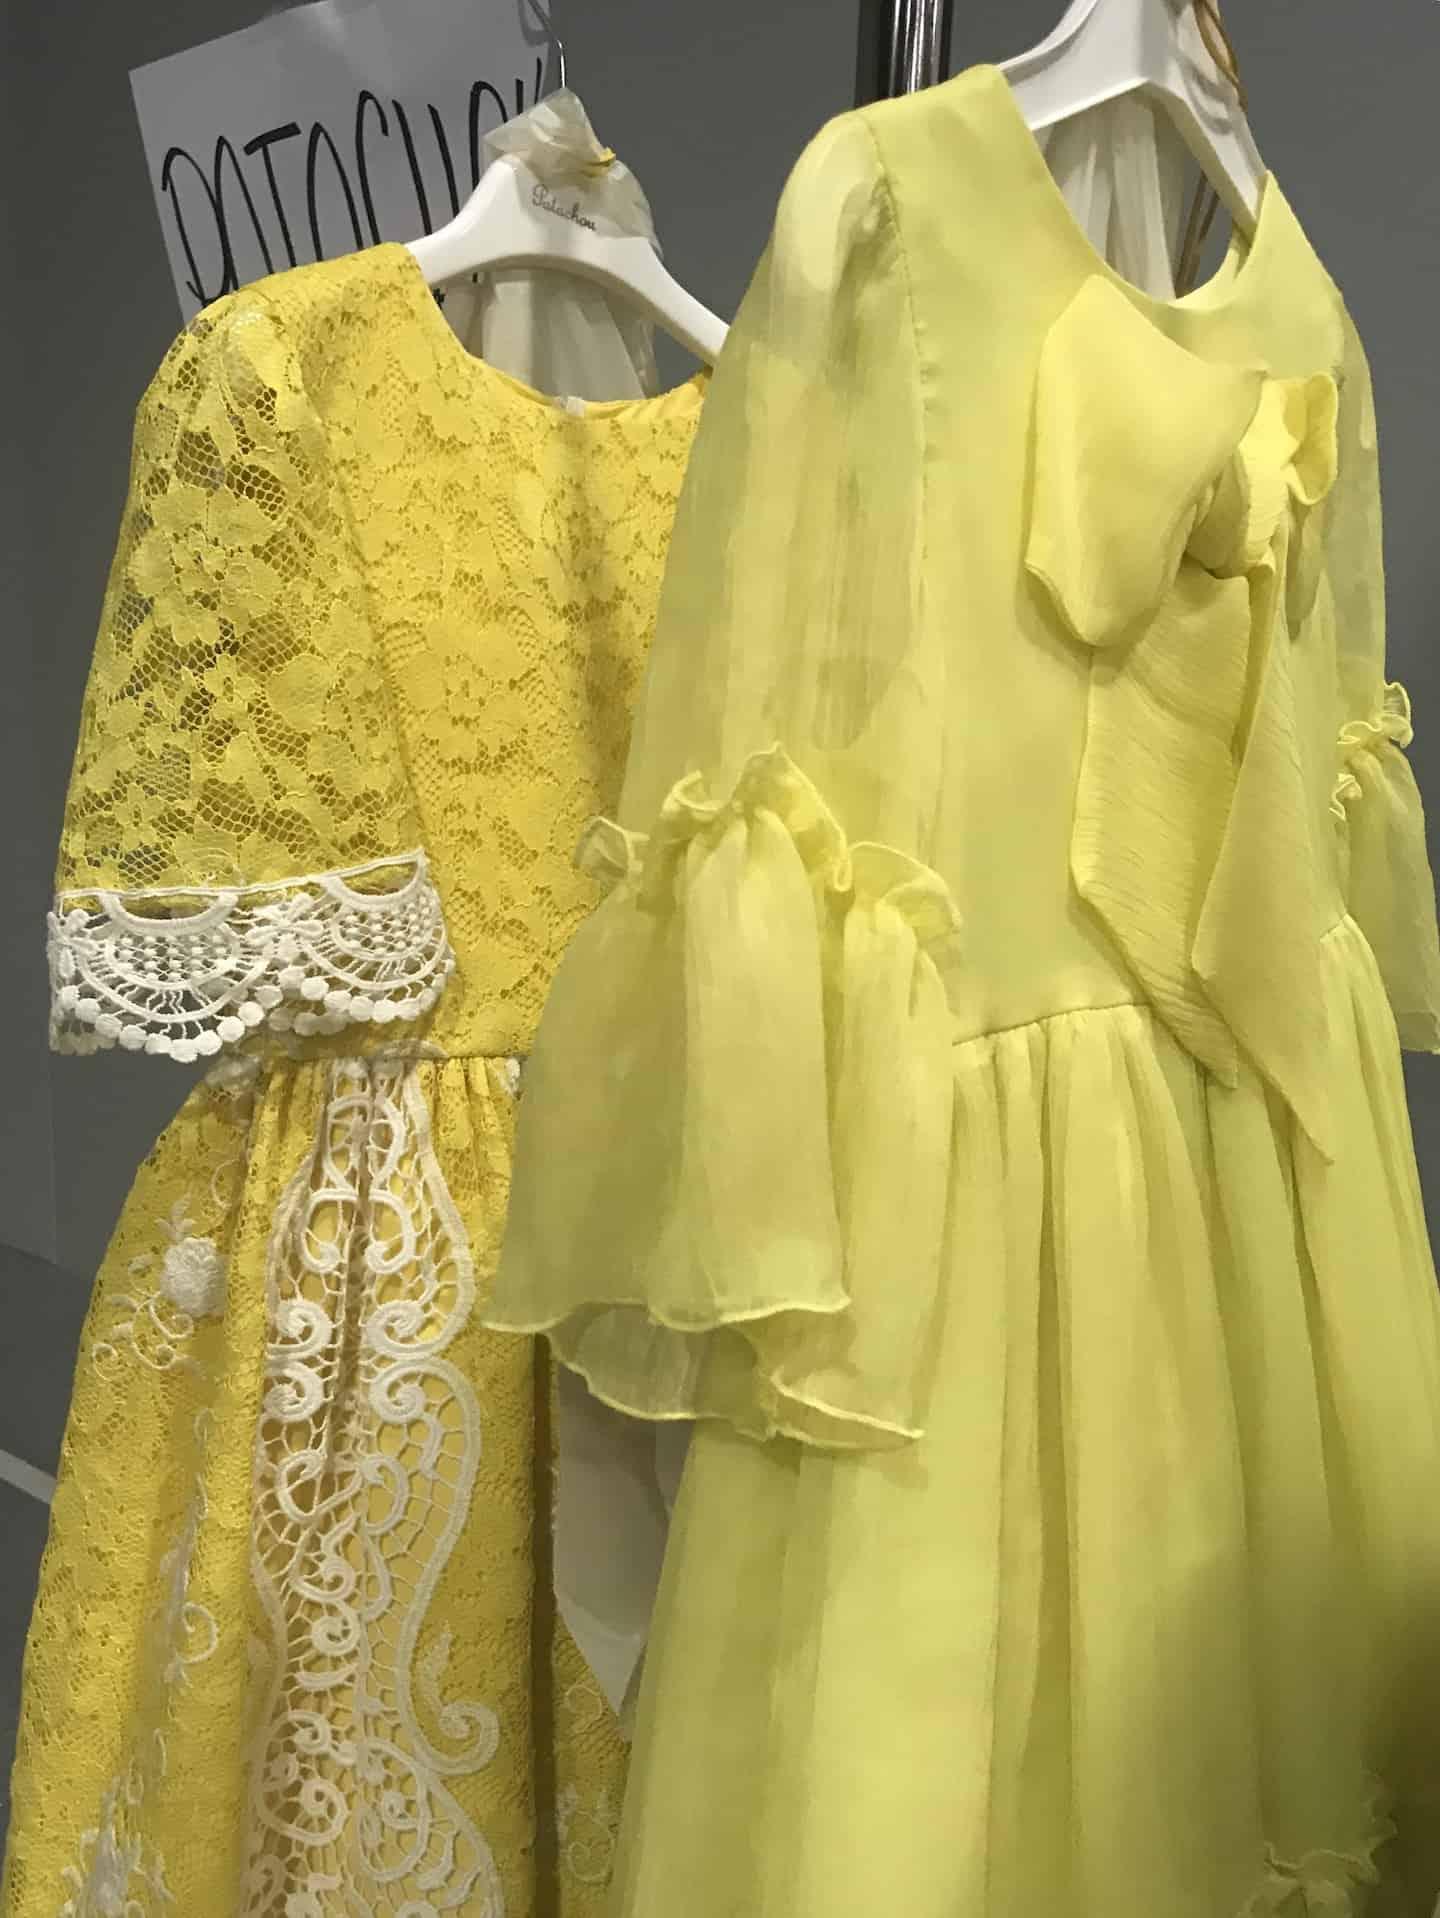 Patachou SS20 kids fashion collection at Pitti Bimbo 89